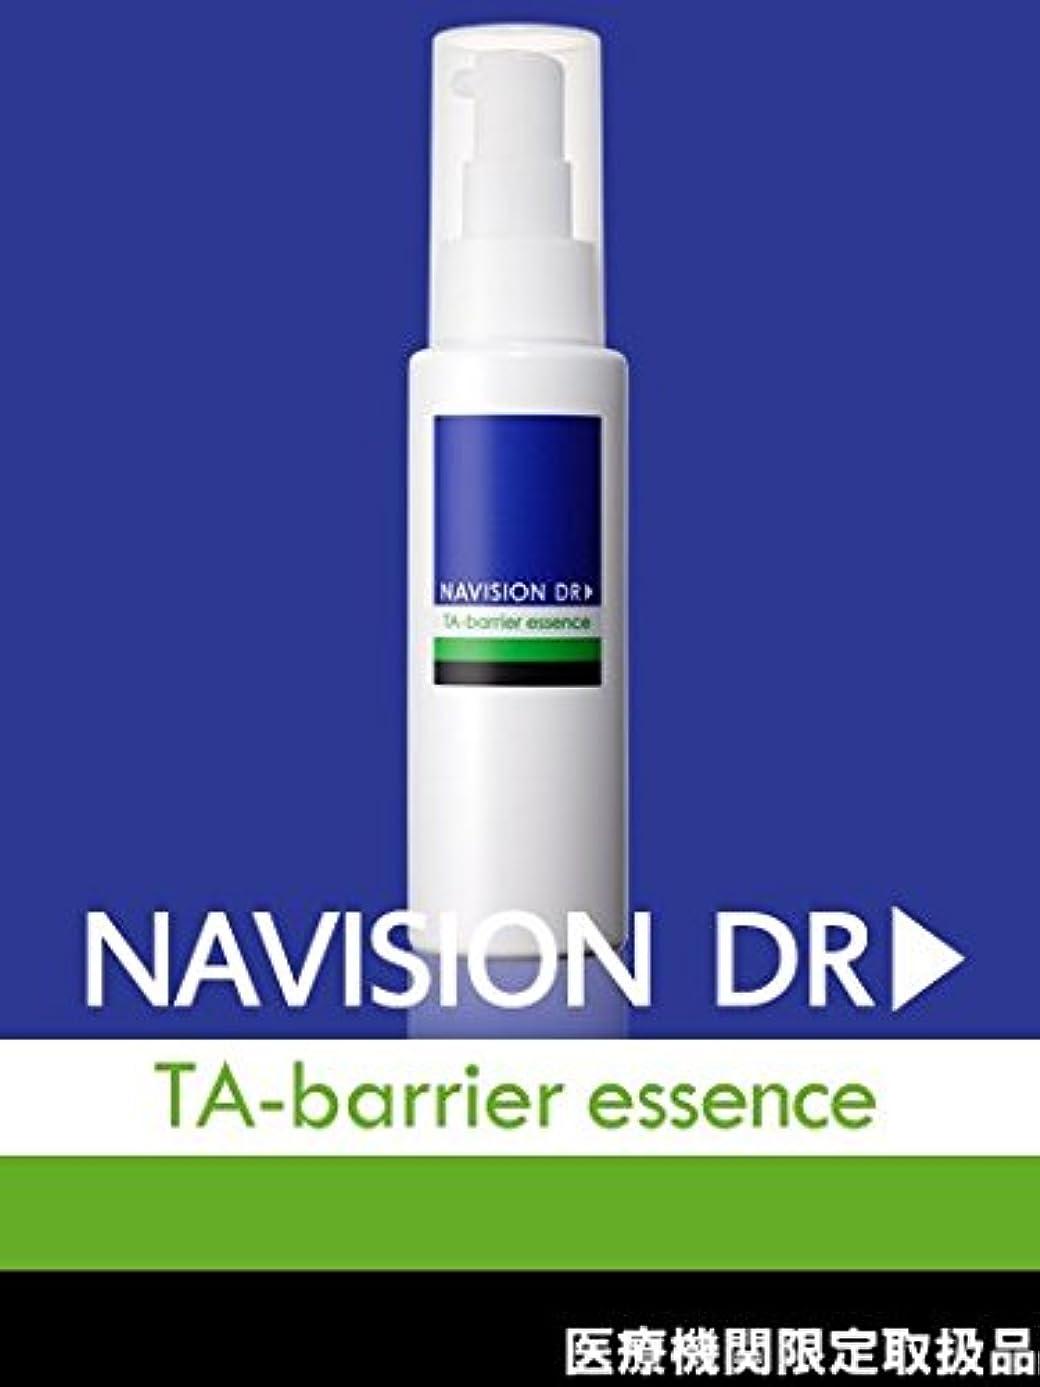 リード文明こんにちはNAVISION DR? ナビジョンDR TAバリアエッセンス(医薬部外品) 80mL 【医療機関限定取扱品】